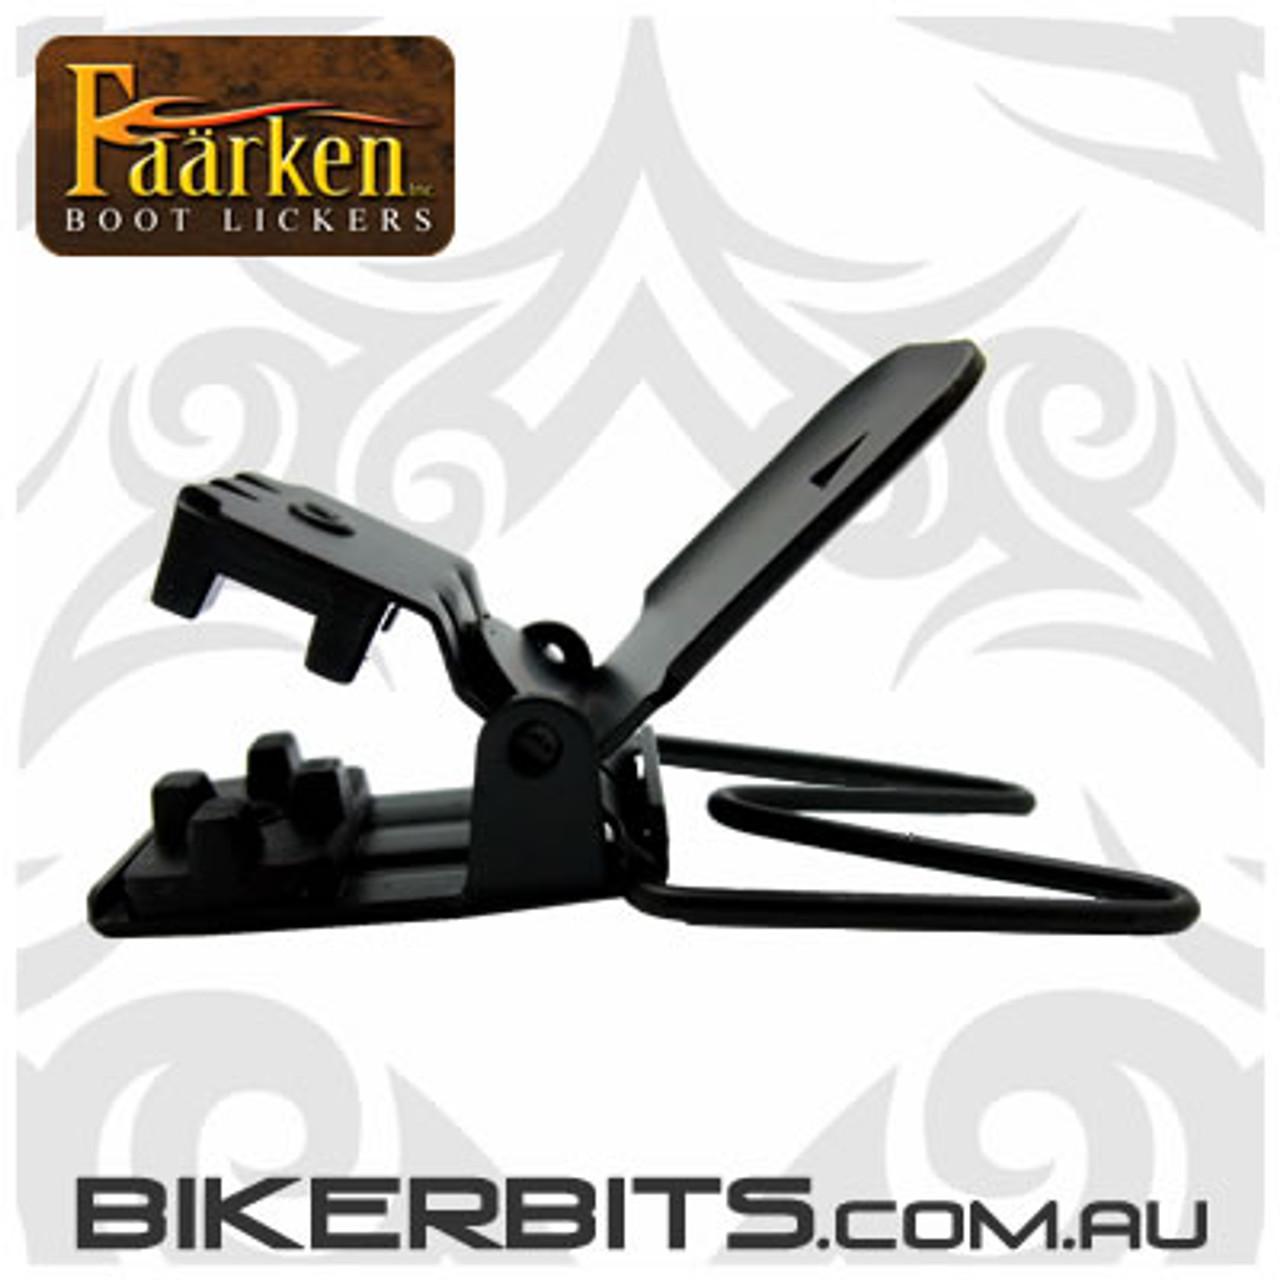 Faarken Biker Boot Lickers - 69 Beaver Nickel